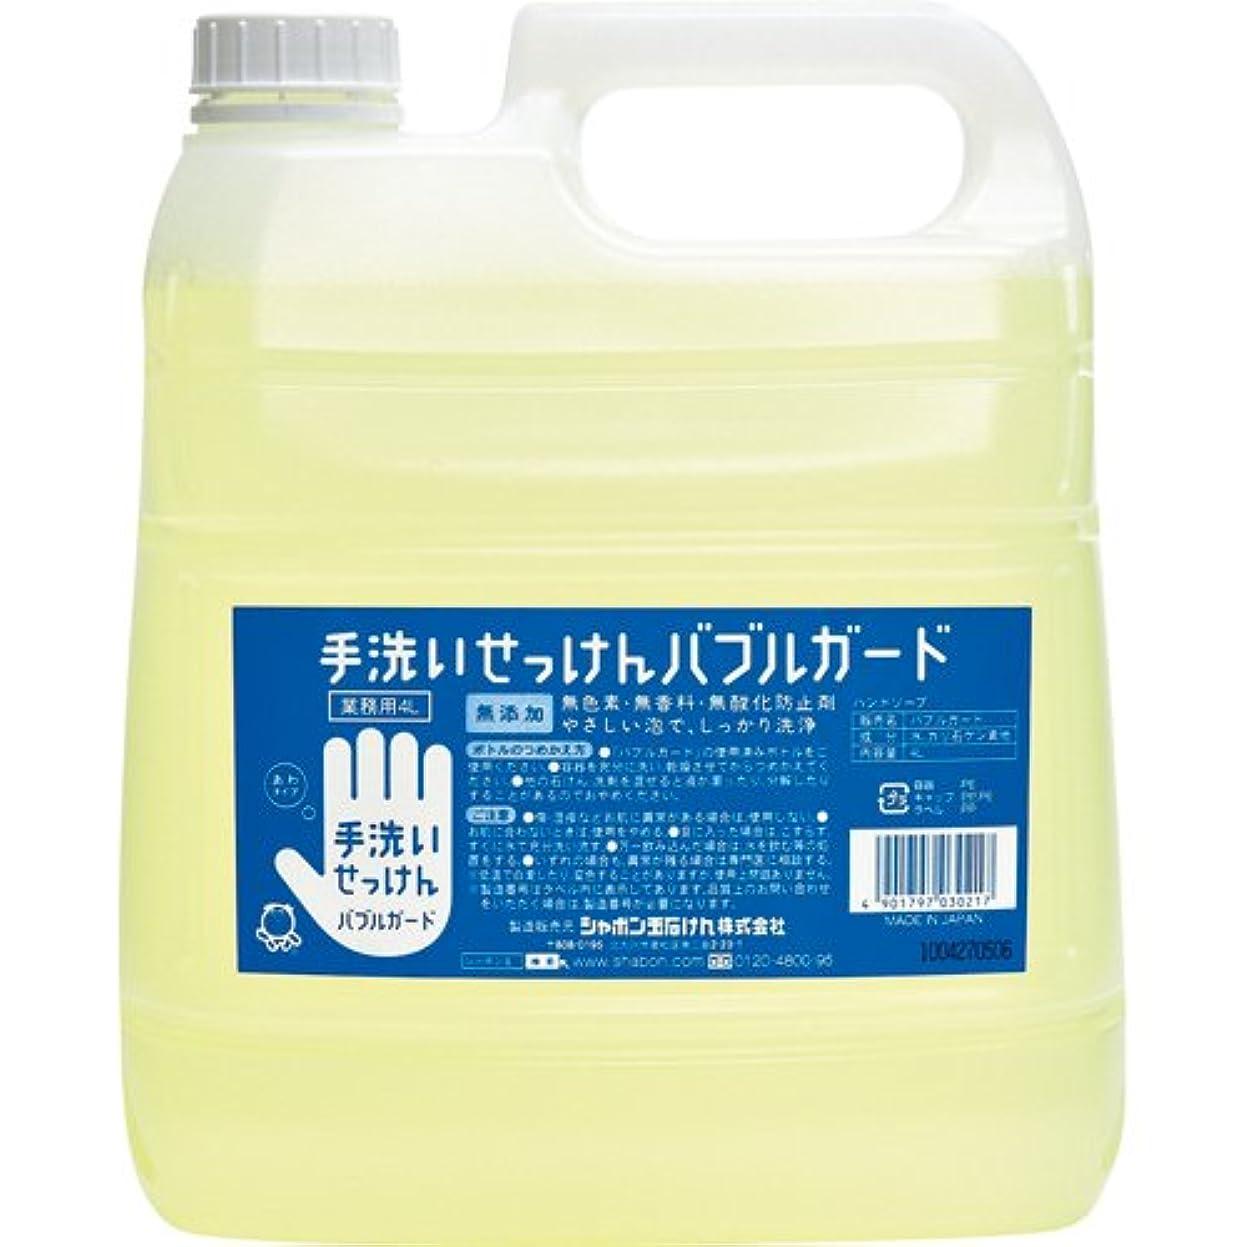 エスニック再び背が高い[シャボン玉石けん 1692542] (ケア商品)手洗いせっけん バブルガード 泡タイプ 業務用 4L